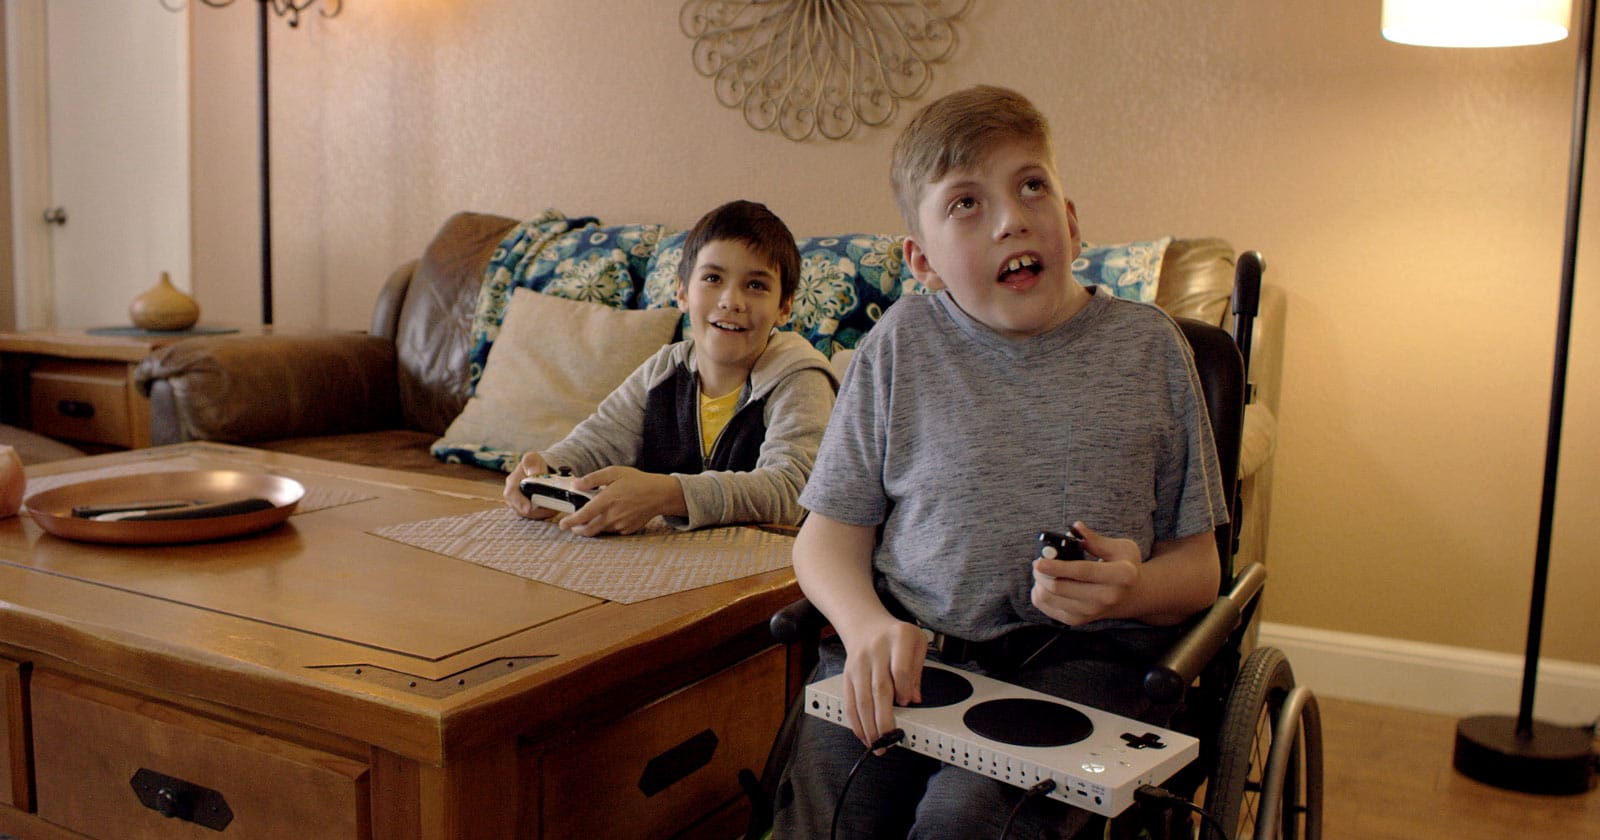 Xbox-Adaptive-Controller-accesibilidad-videojuegos